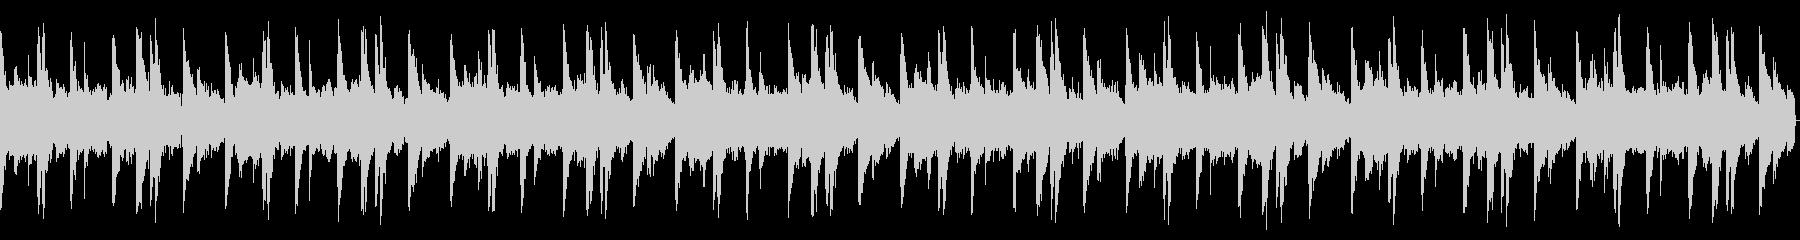 オールドスクールビート1 16小節の未再生の波形